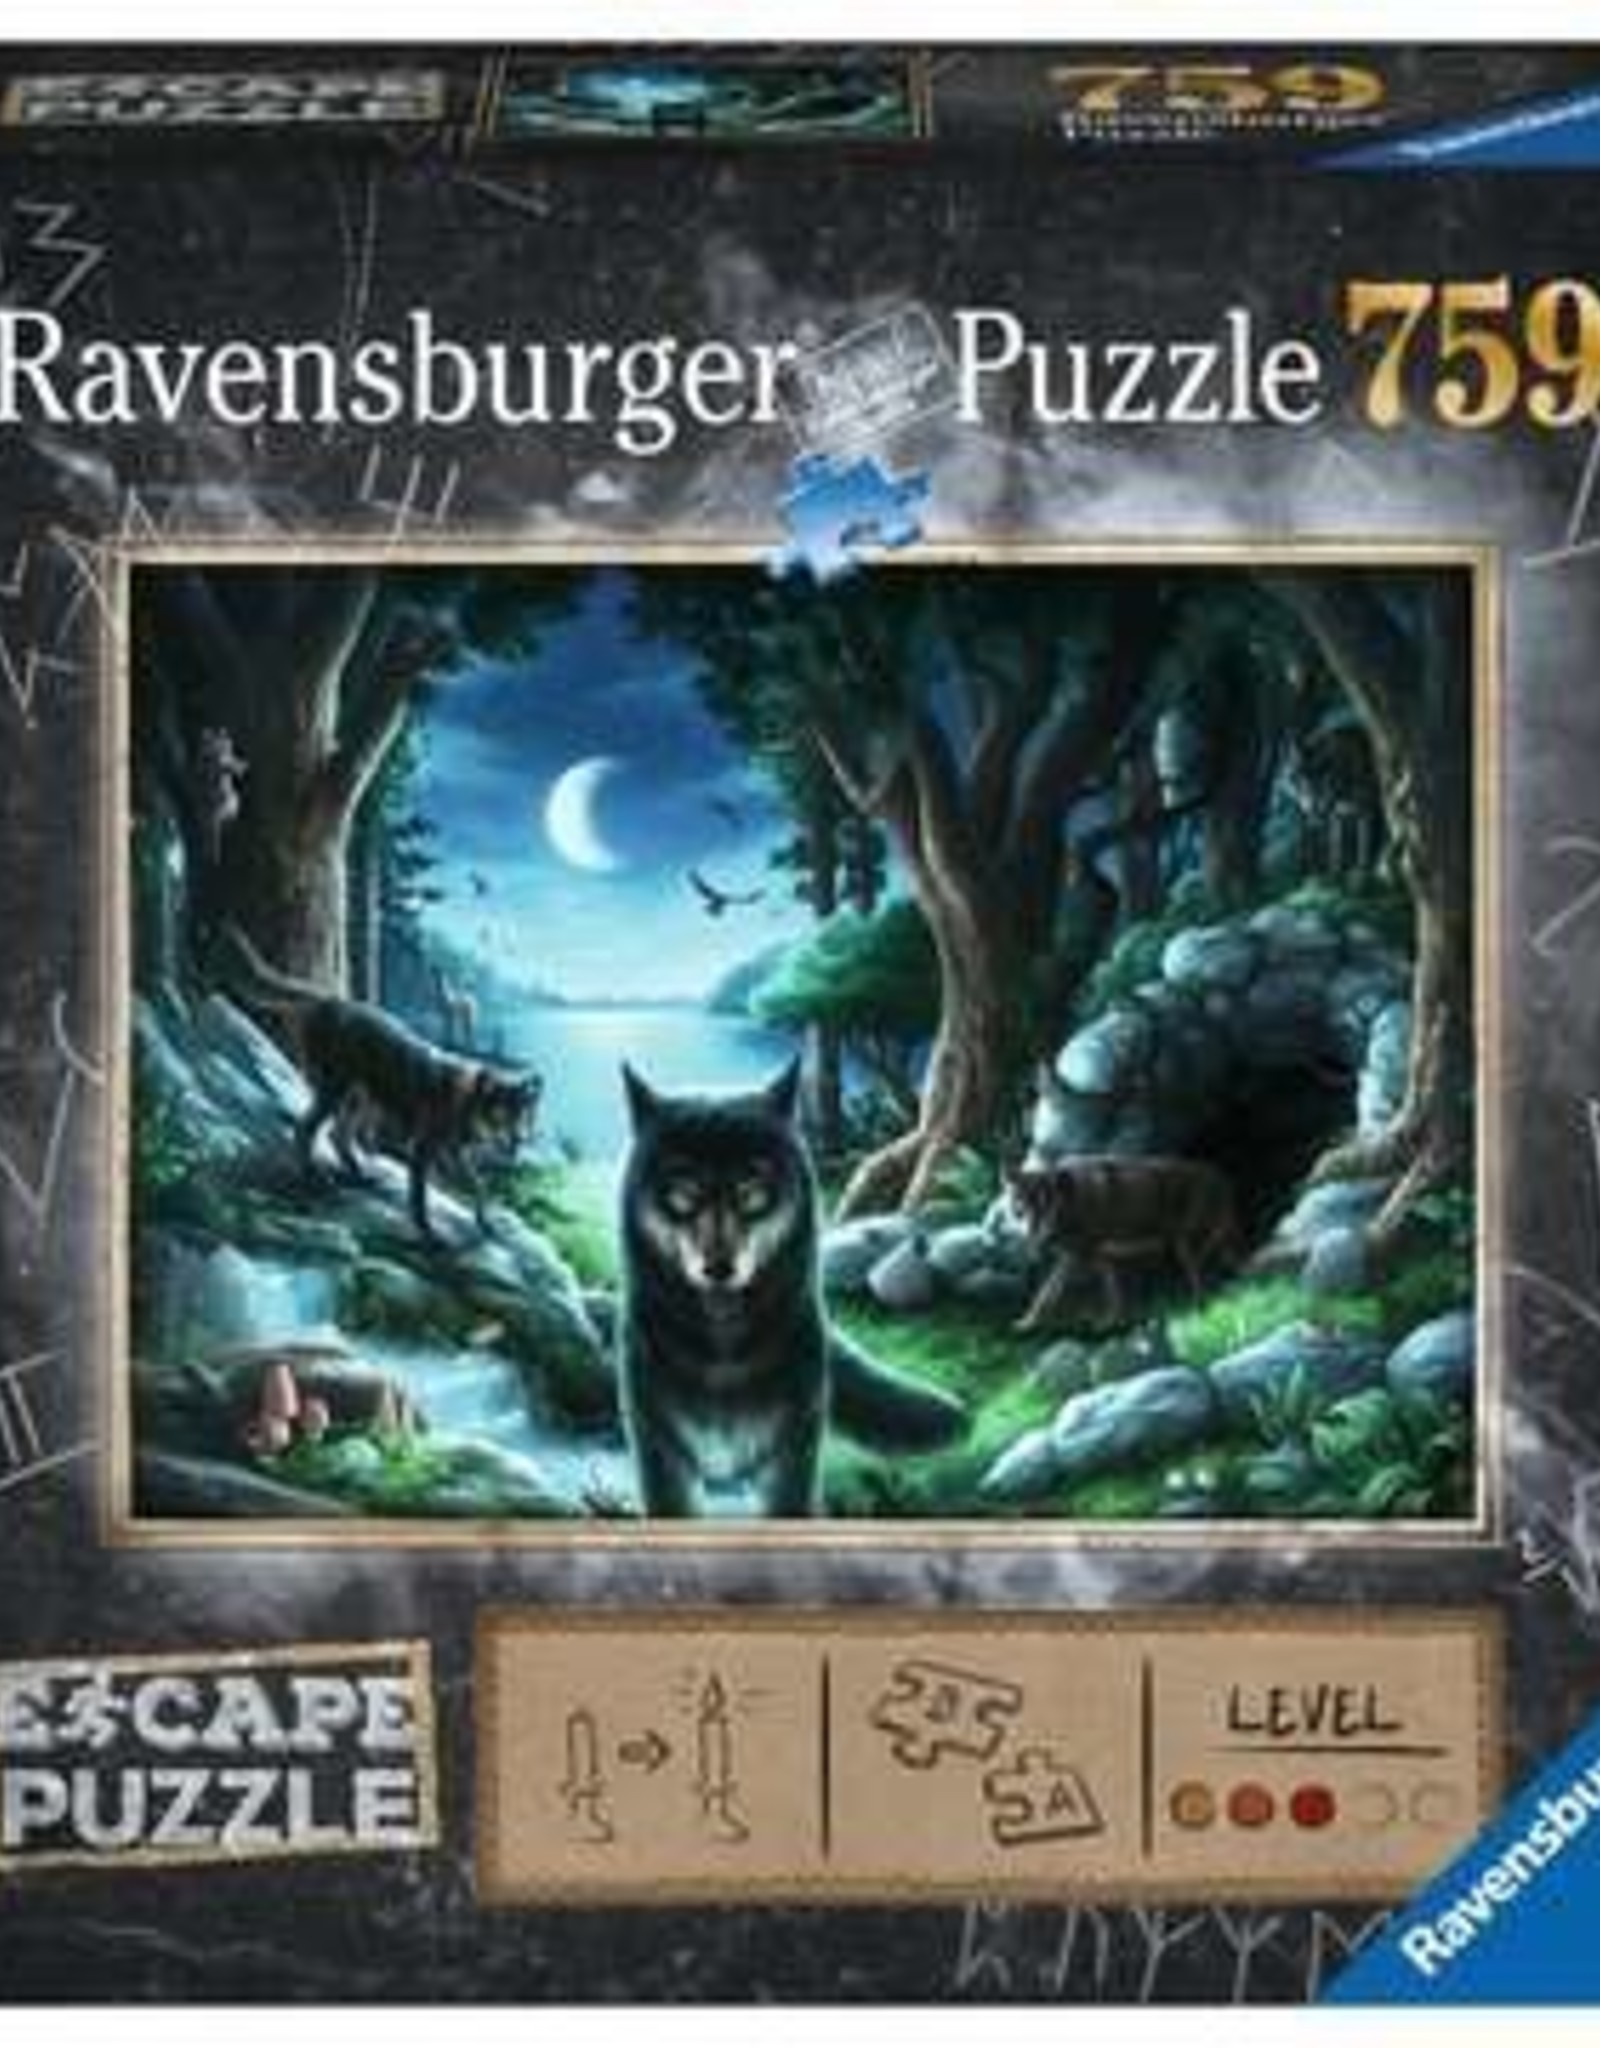 Ravensburger Curse of the Wolves (759 Pc Escape)